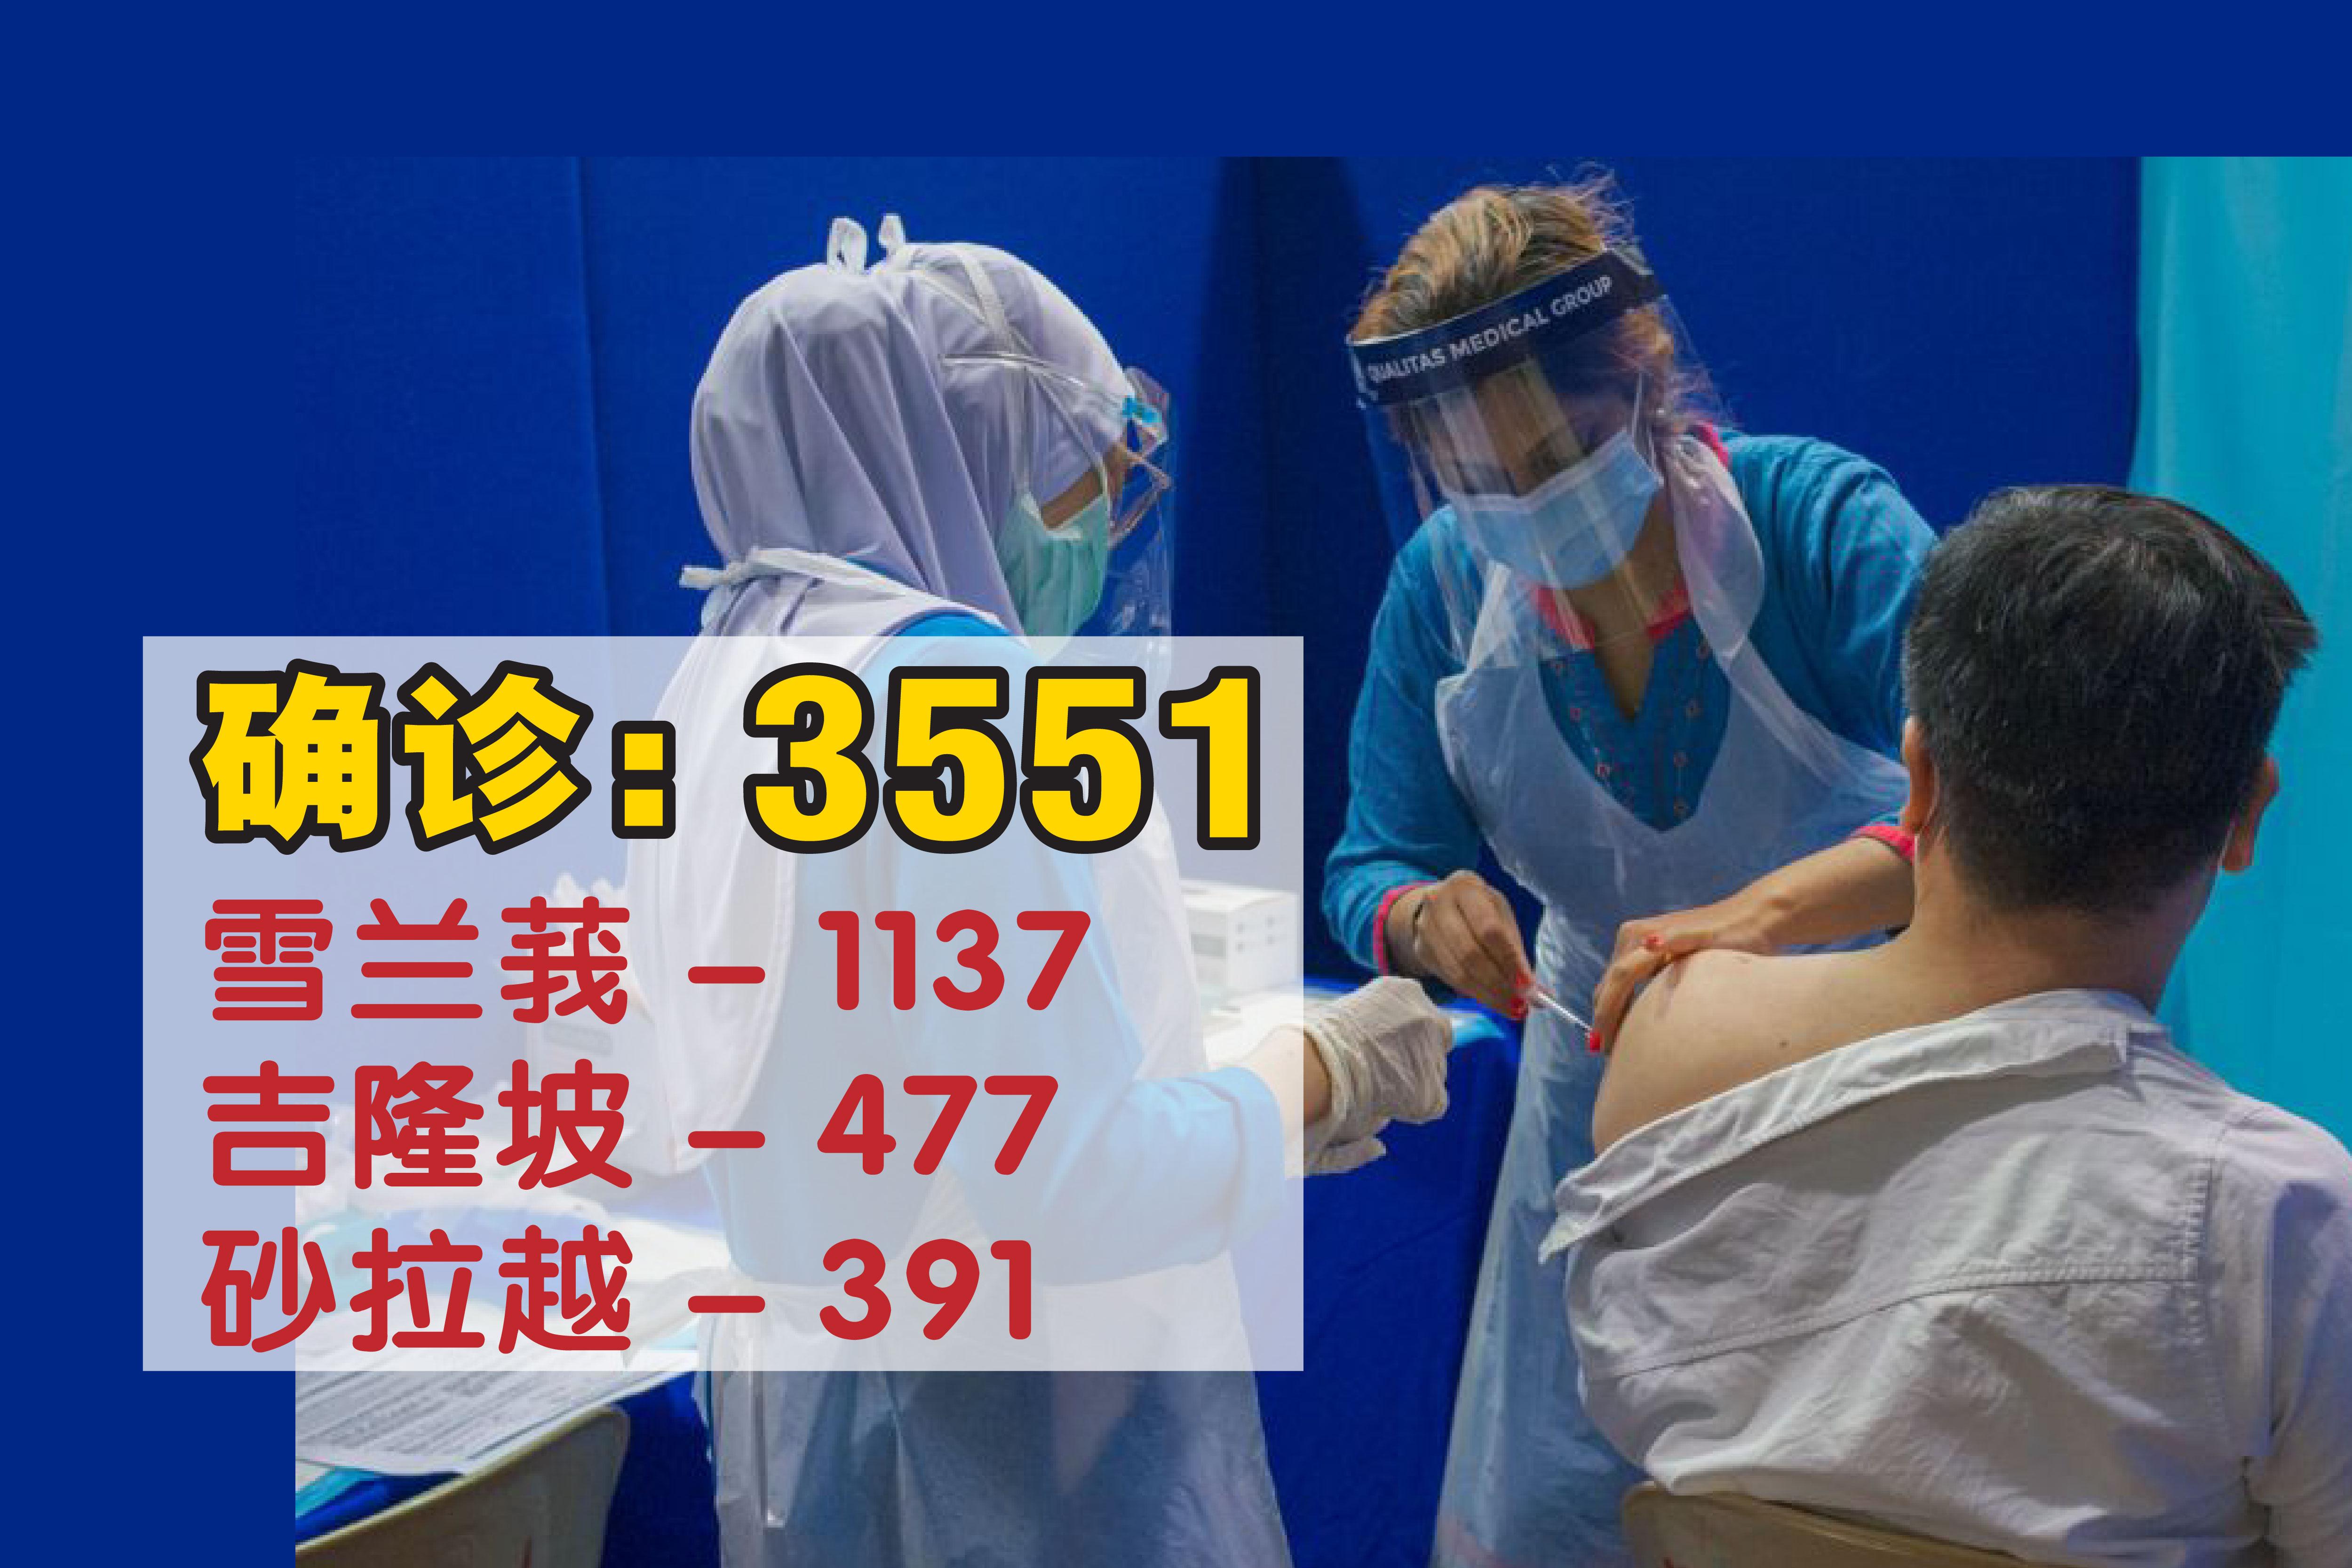 确诊病例居全国之冠的雪兰莪,新增病例仍是四位数,报1137宗。 -精彩大马制图-